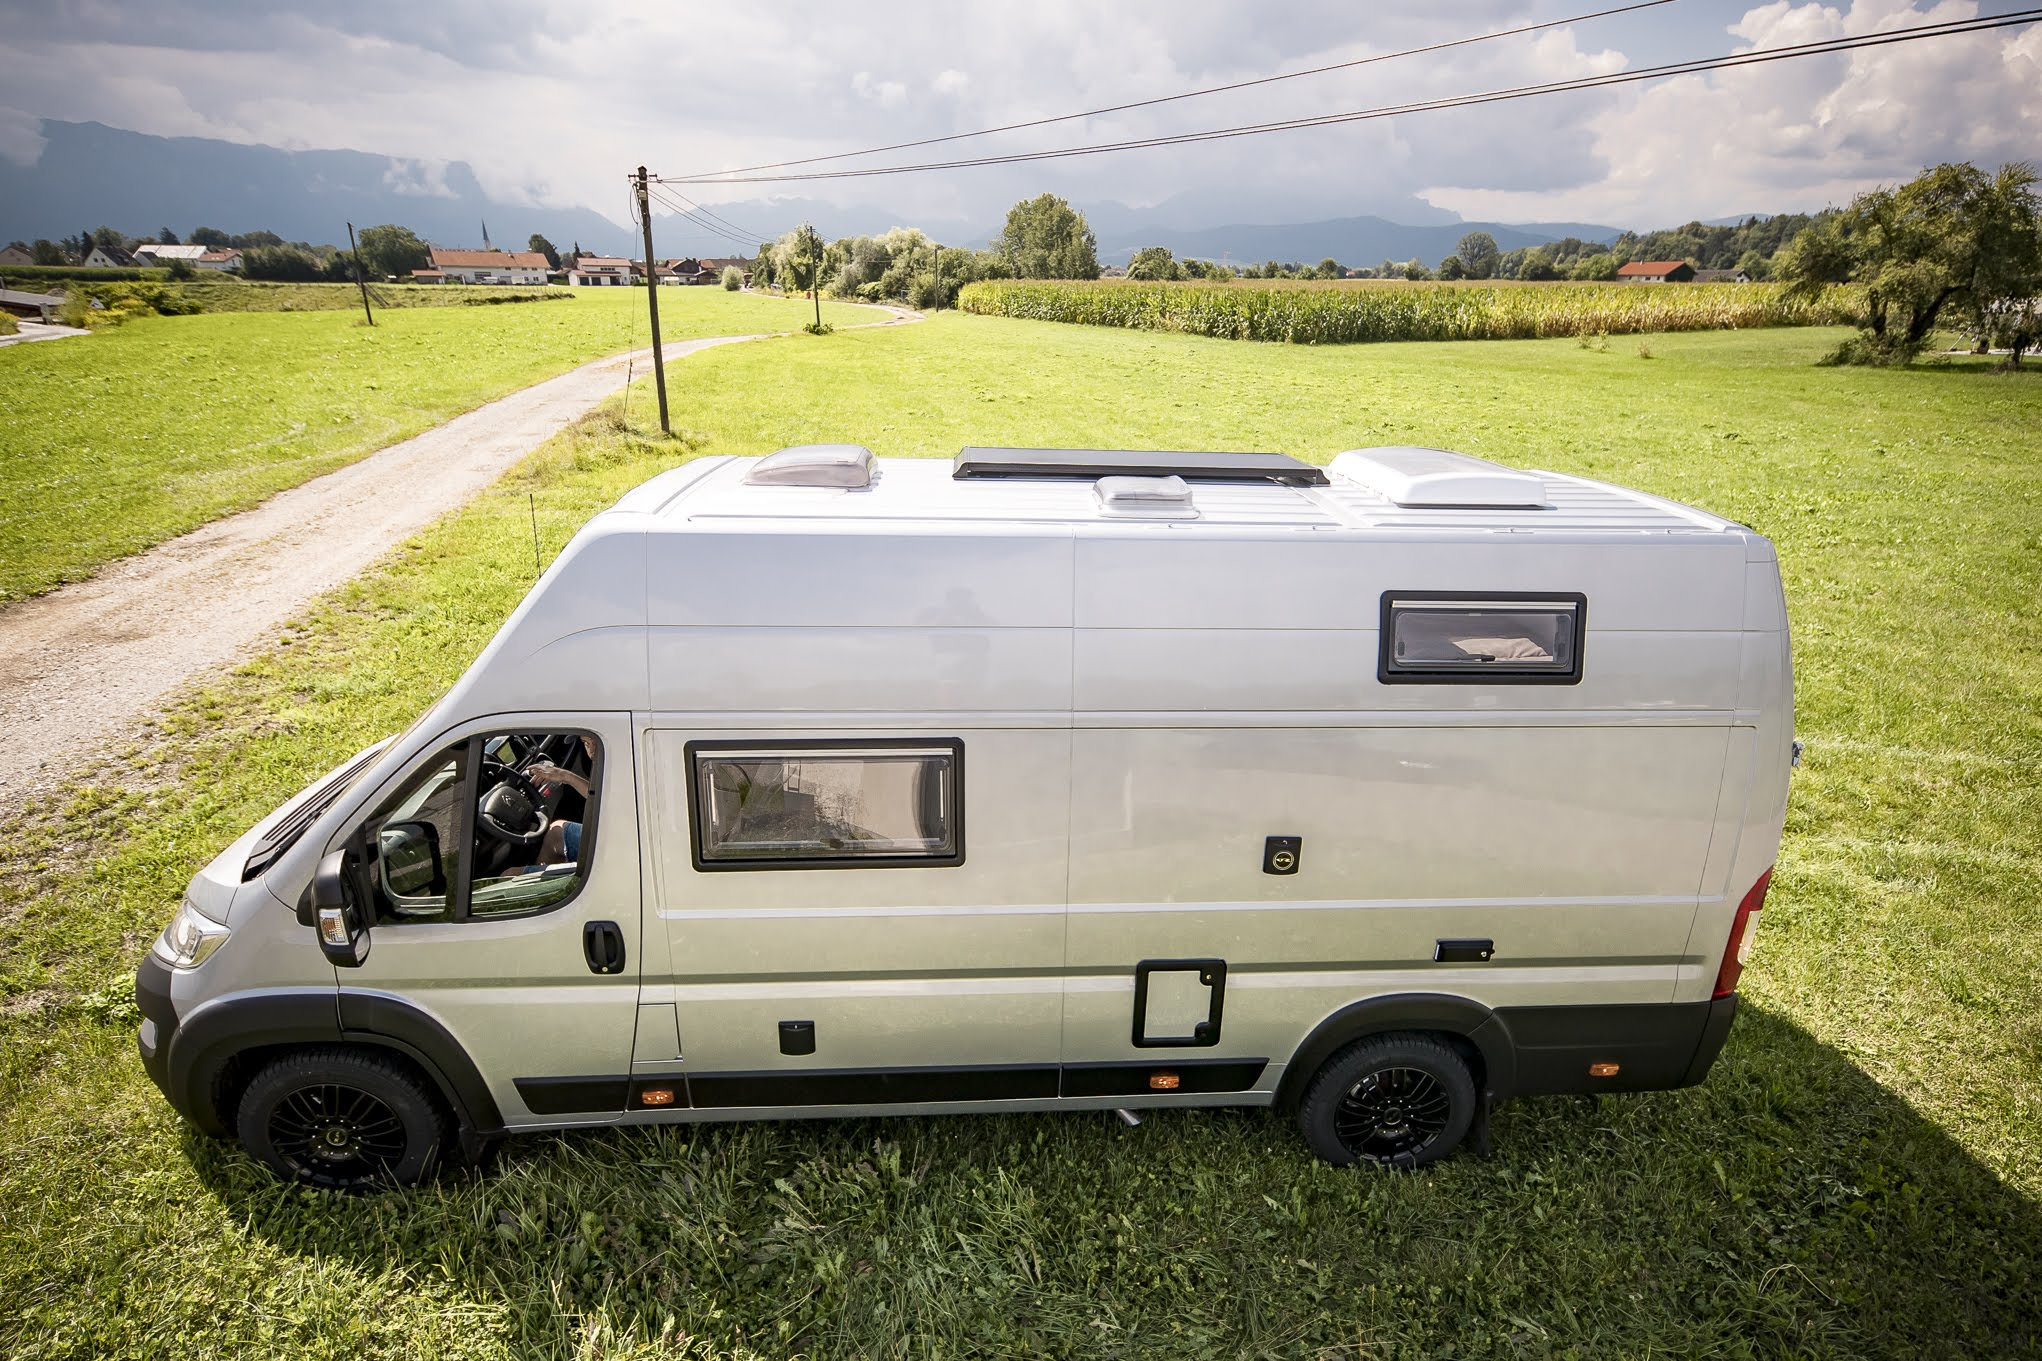 BGL 83395 Freilassing untersberg camping camper waging am see vr motorhomes luxus camper